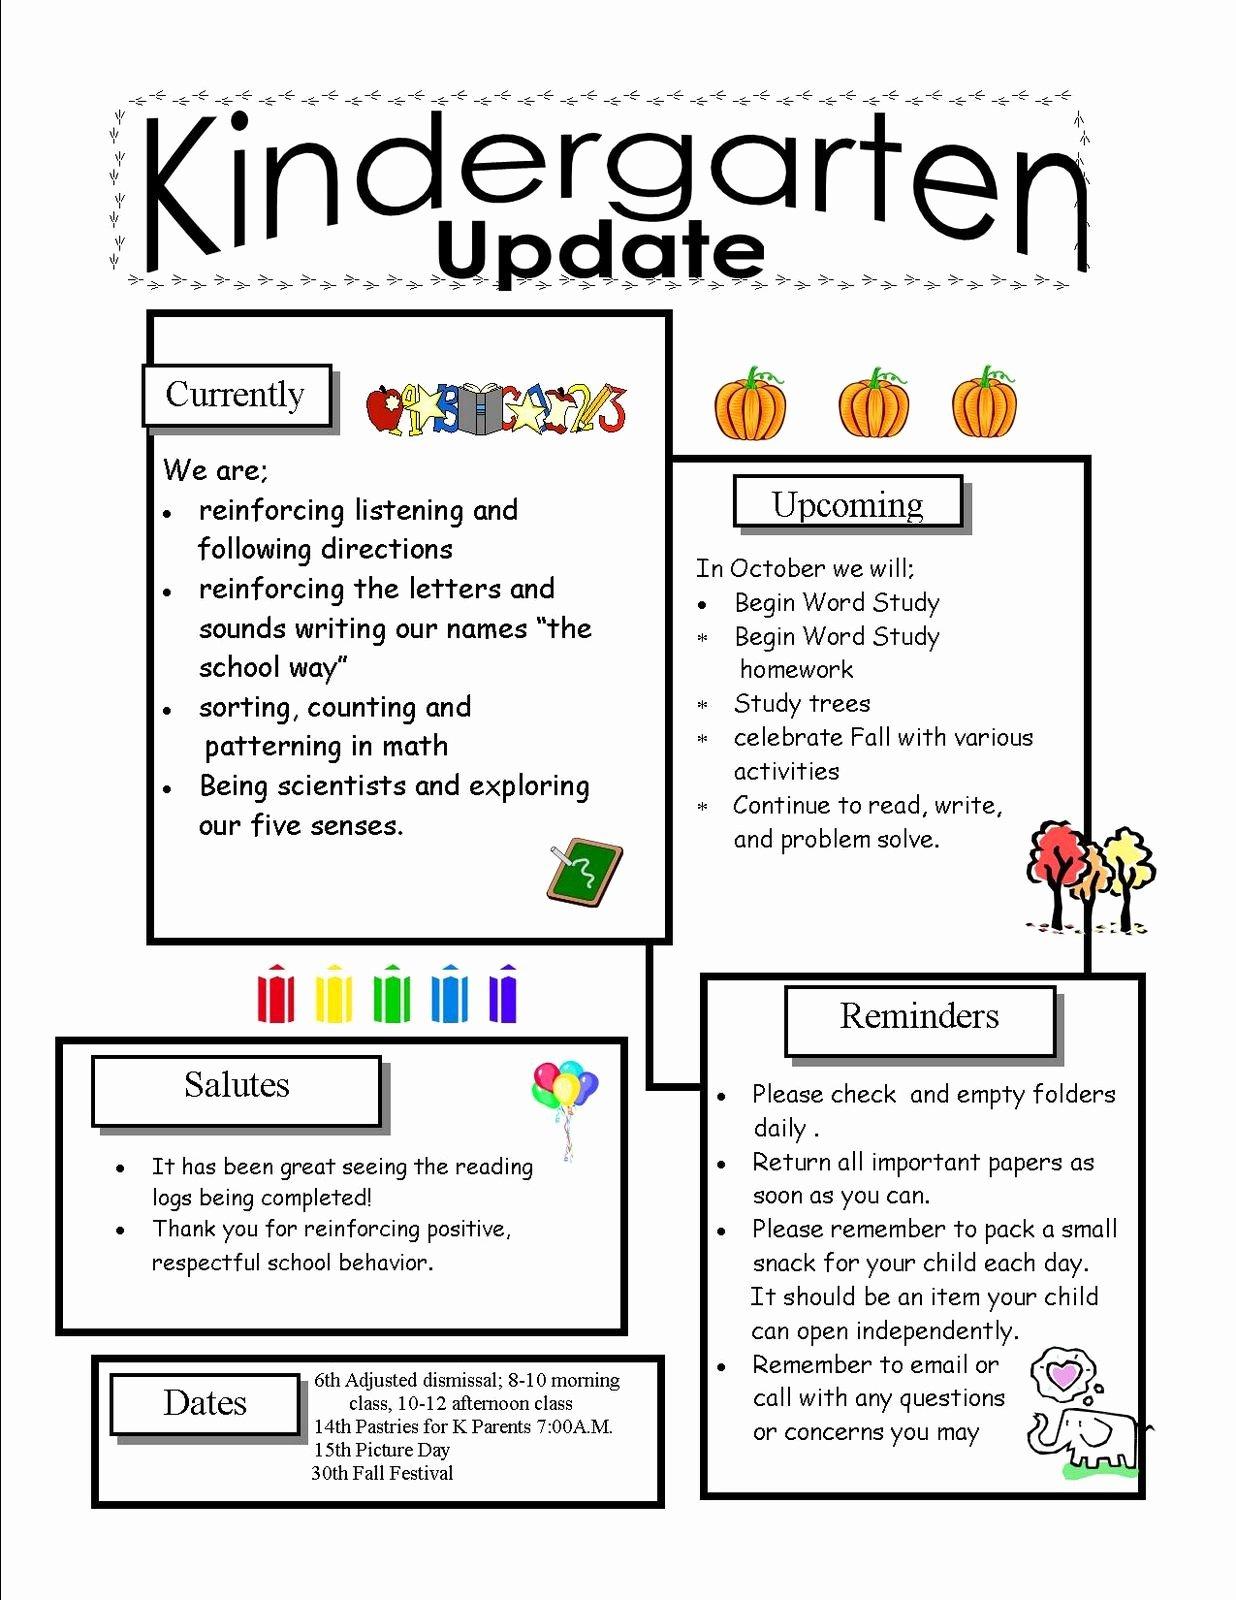 Preschool Newsletter Templates Free Lovely Kindergarten Newsletter Templates for Free